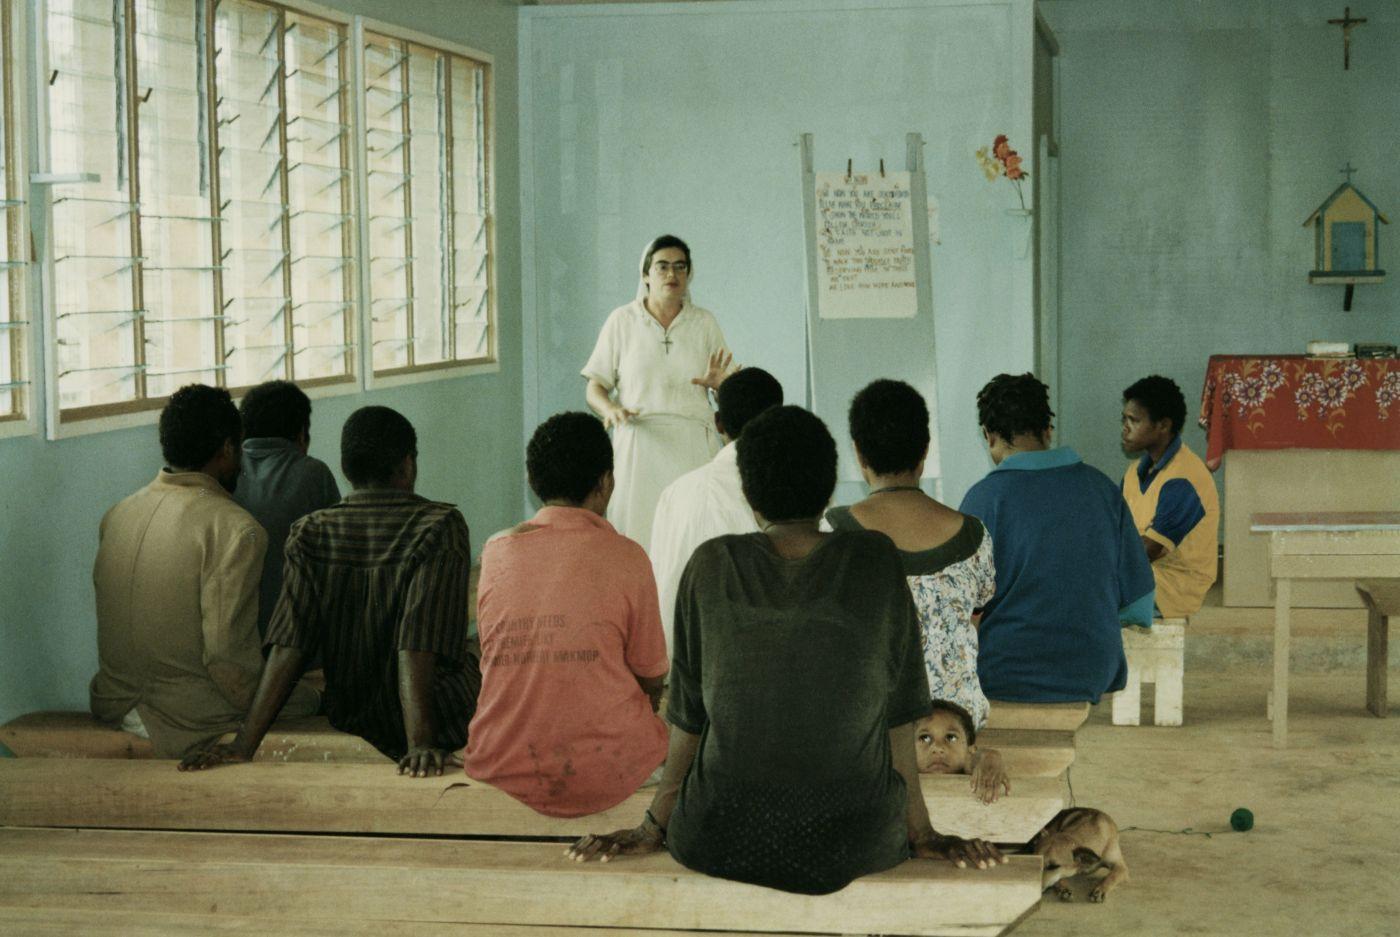 Photographie en couleur d'une religieuse d'âge moyen, vêtue de blanc. Elle enseigne à un groupe de neuf adultes noirs dans une salle de classe rudimentaire. Les étudiants sont assis sur des bancs de bois. Un jeune garçon et un chien sont aussi dans la salle de classe.